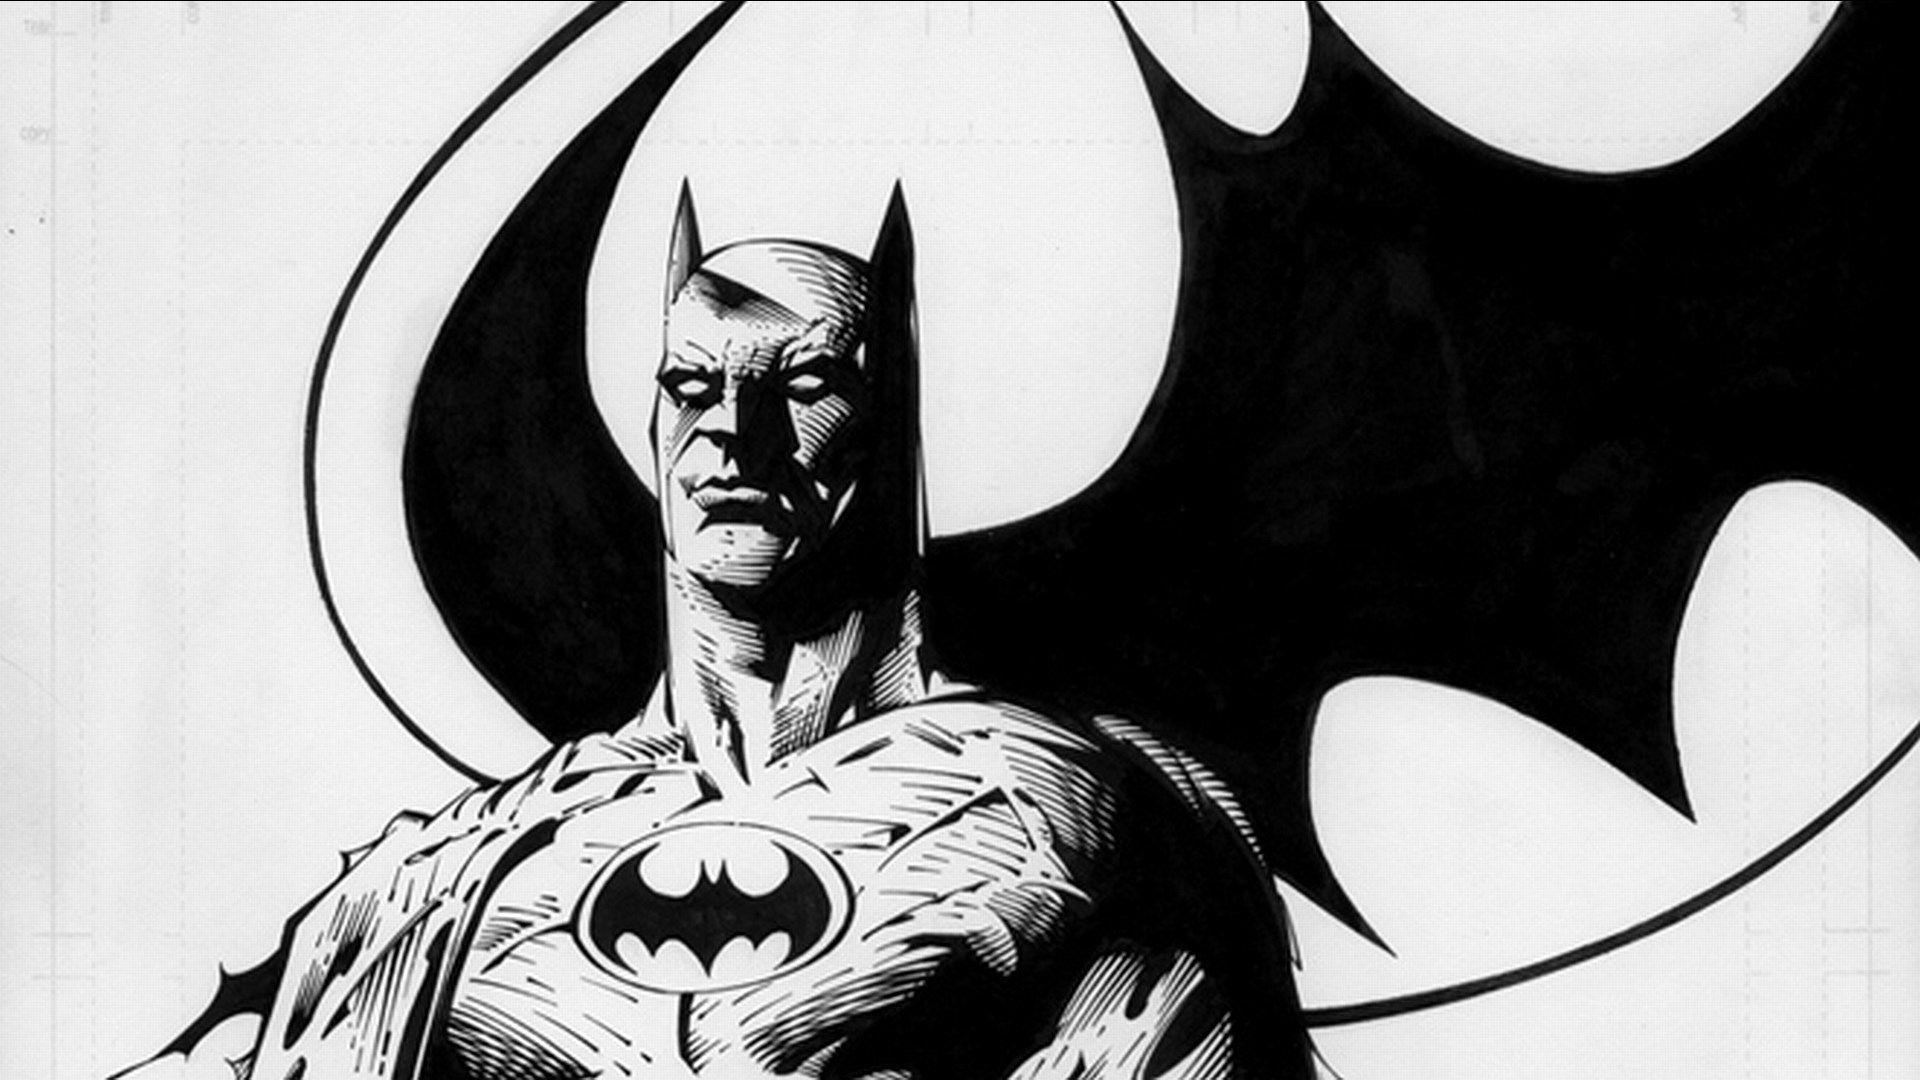 1920x1080 Widescreen Wallpaper batman Batman